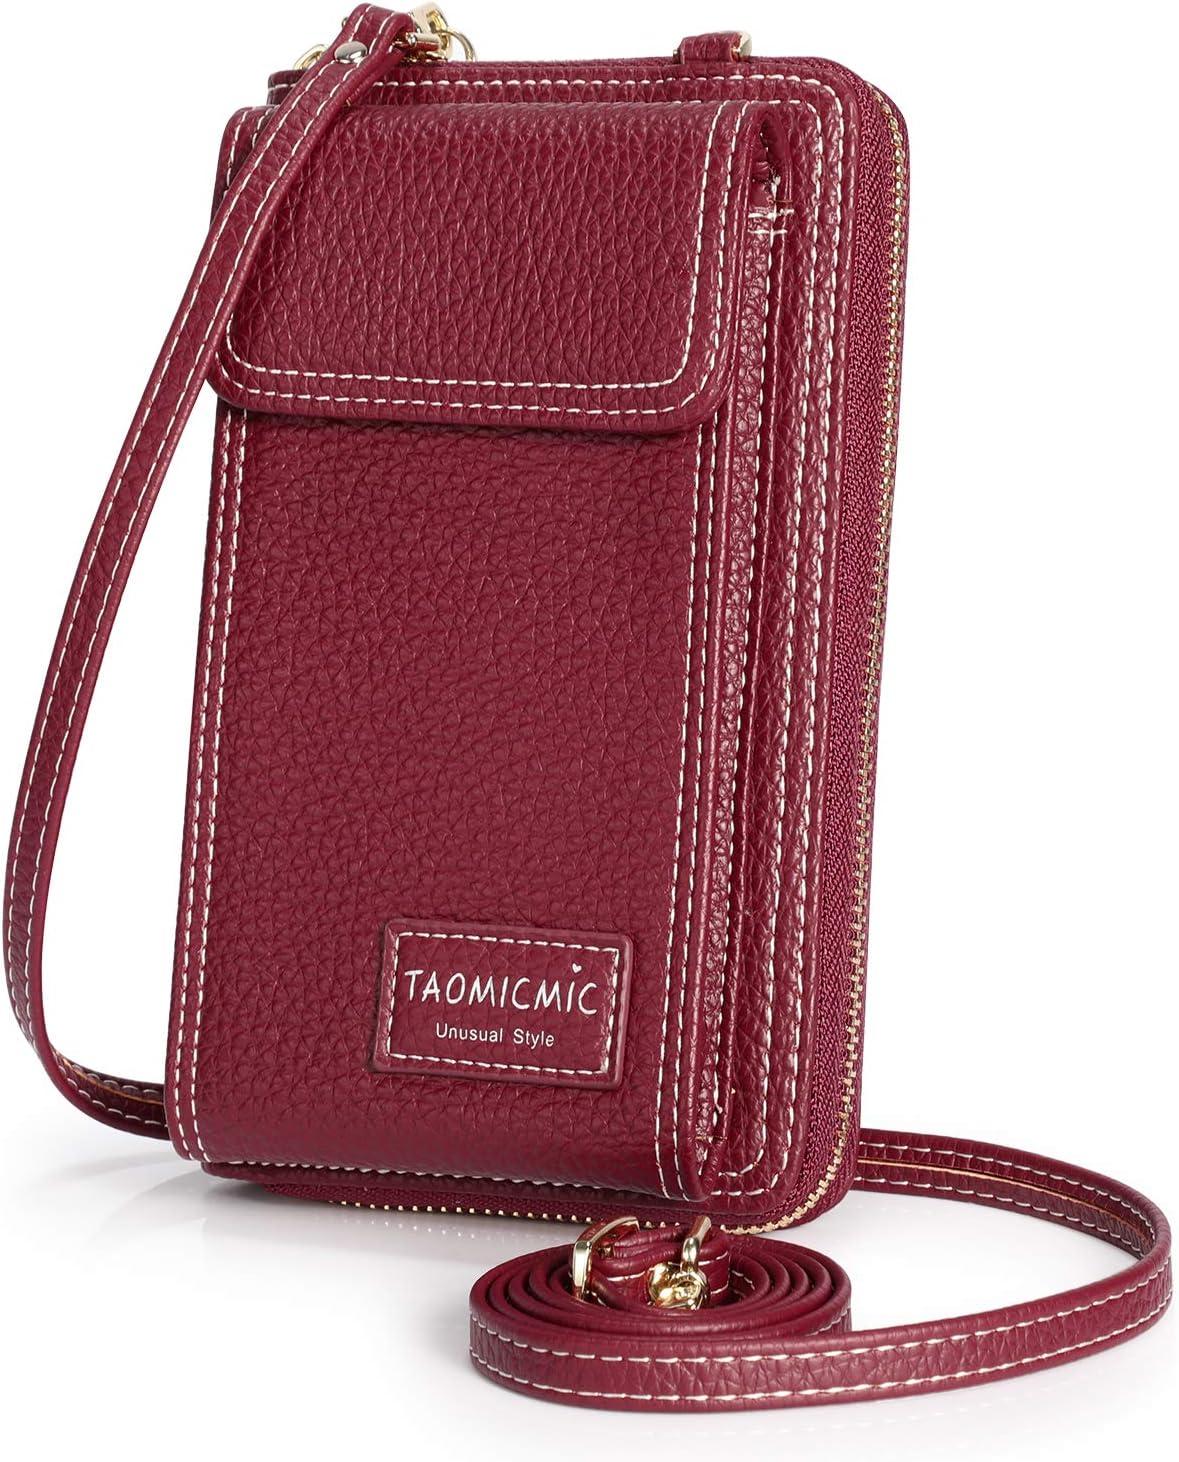 S-ZONE Mujer Pequeño Bolso de Cuero de la PU del teléfono Celular Crossbody Phone Wallet Bolsa Bolsa con Cremallera